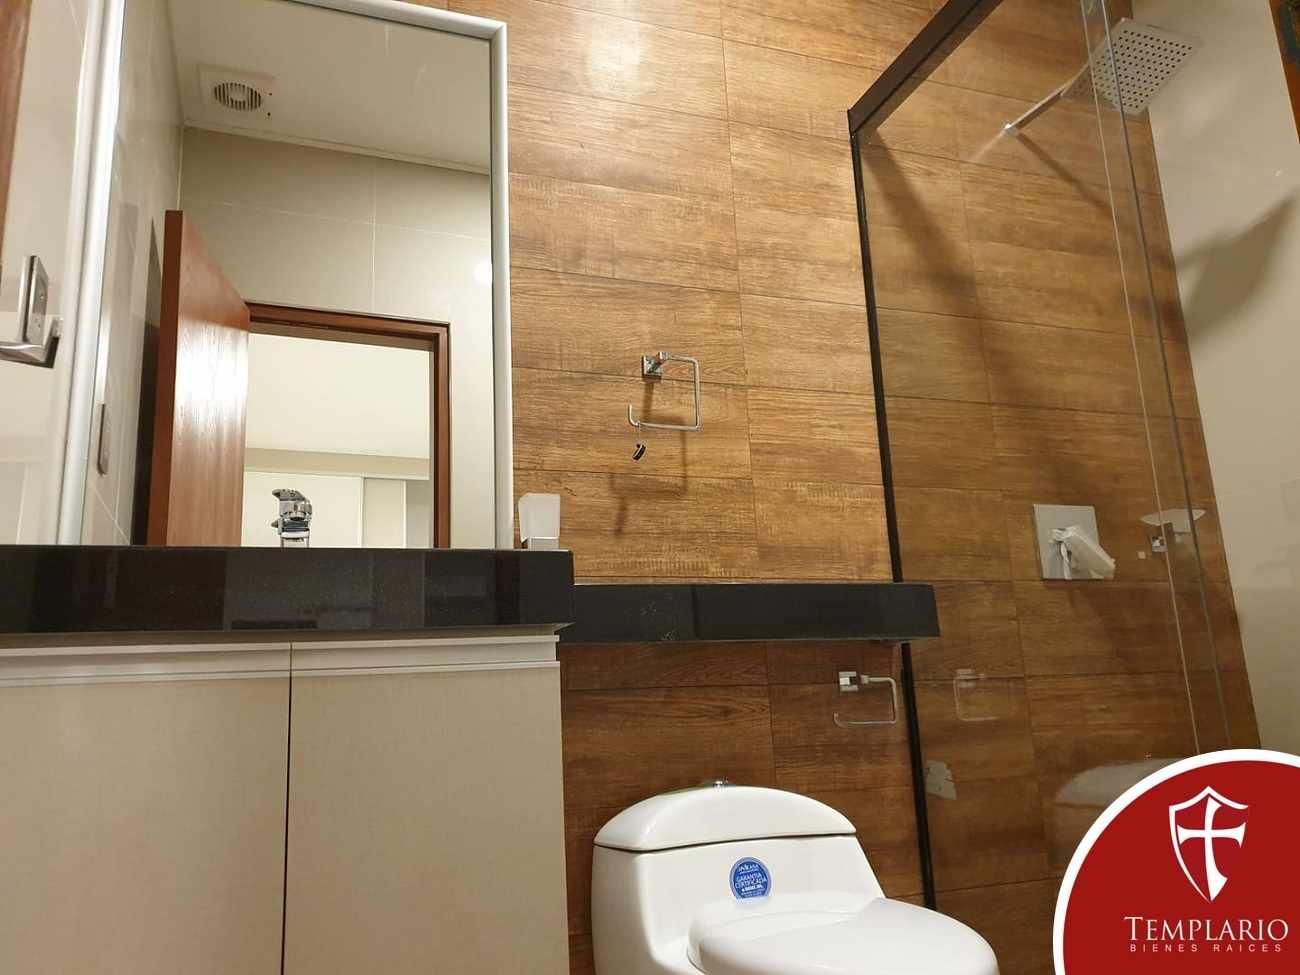 Casa en Venta Av. Santos Dumont 3er y 4to Anillo - Vecindario Residencial Foto 19